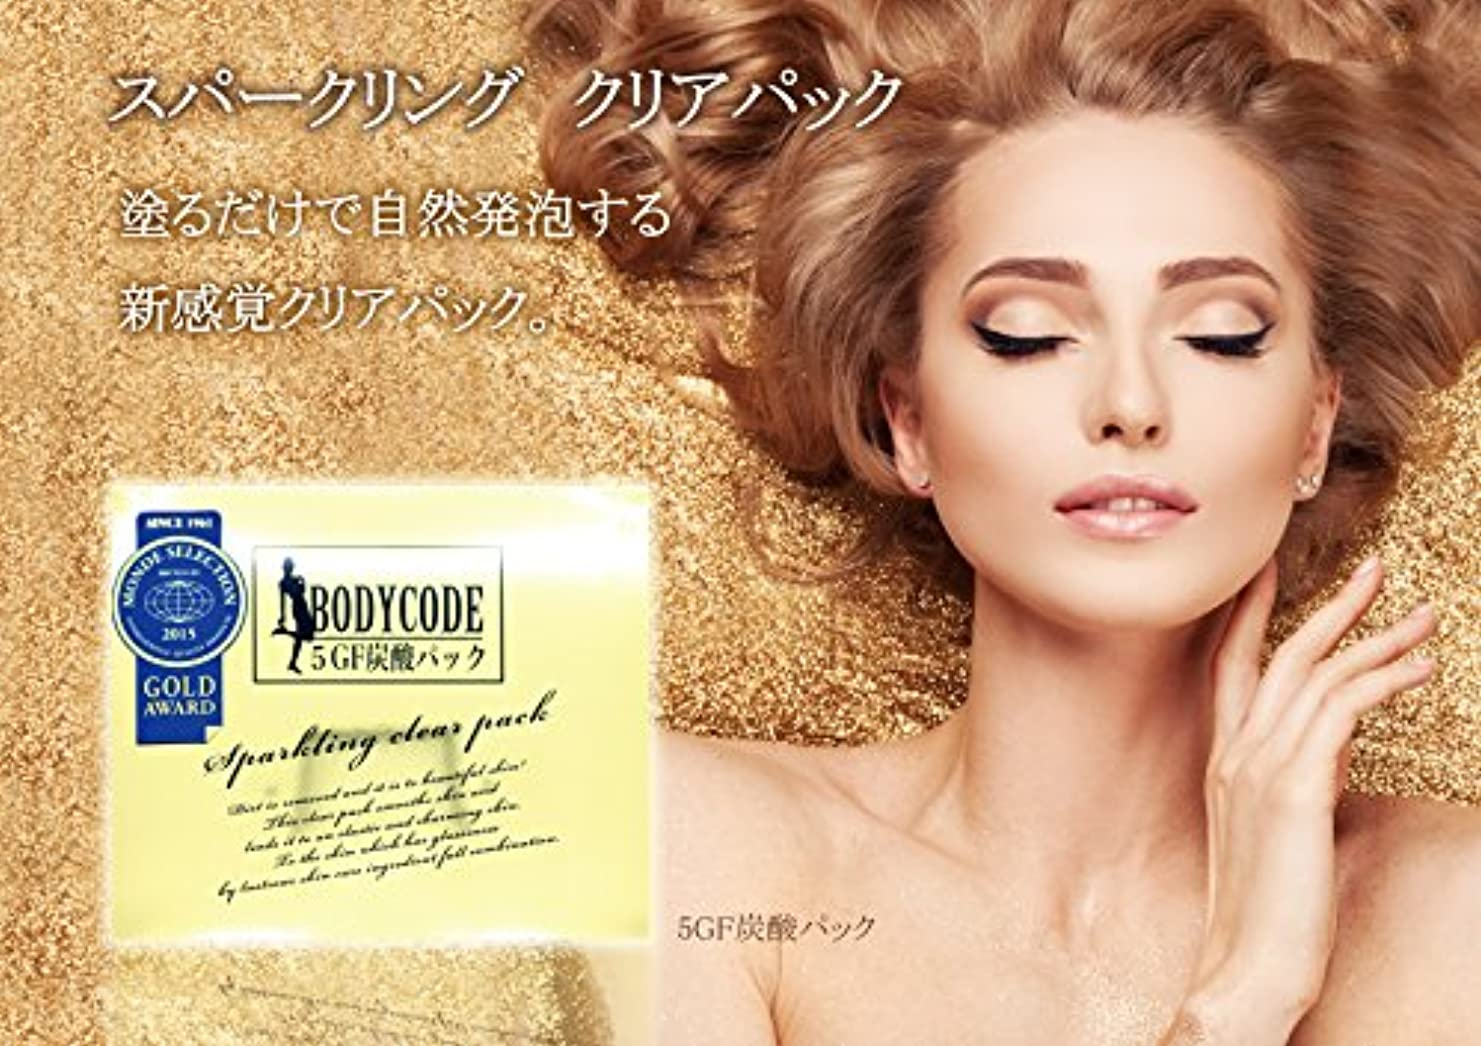 申し立てるに頼る減少◎日本製◎モンドセレクション金賞受賞 5GF炭酸パック 5g×20包入 持ち運び便利